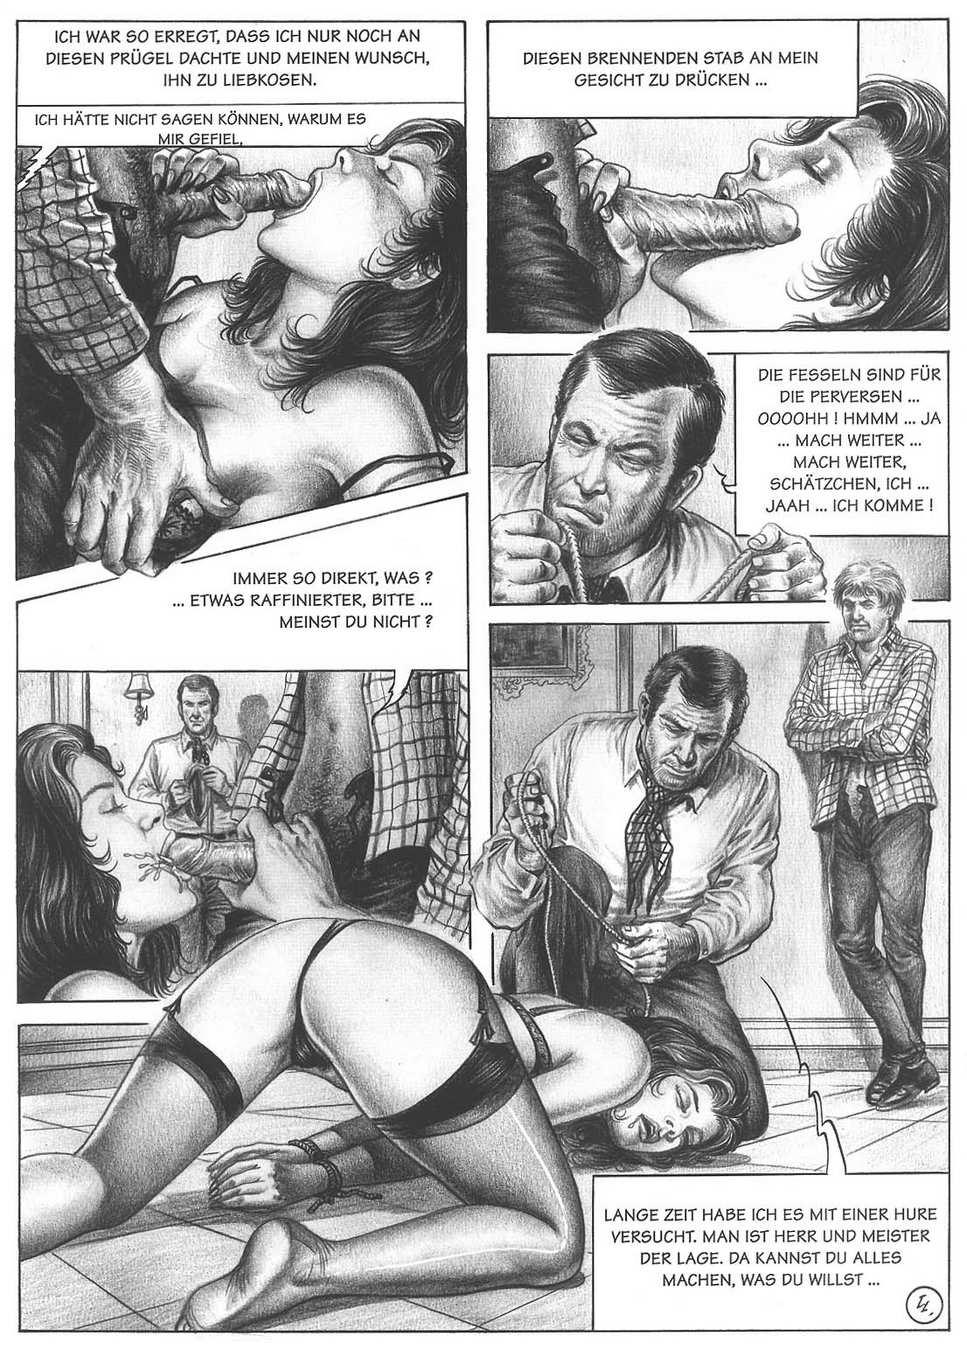 Эротические рассказы в иллюстрациях 9 фотография